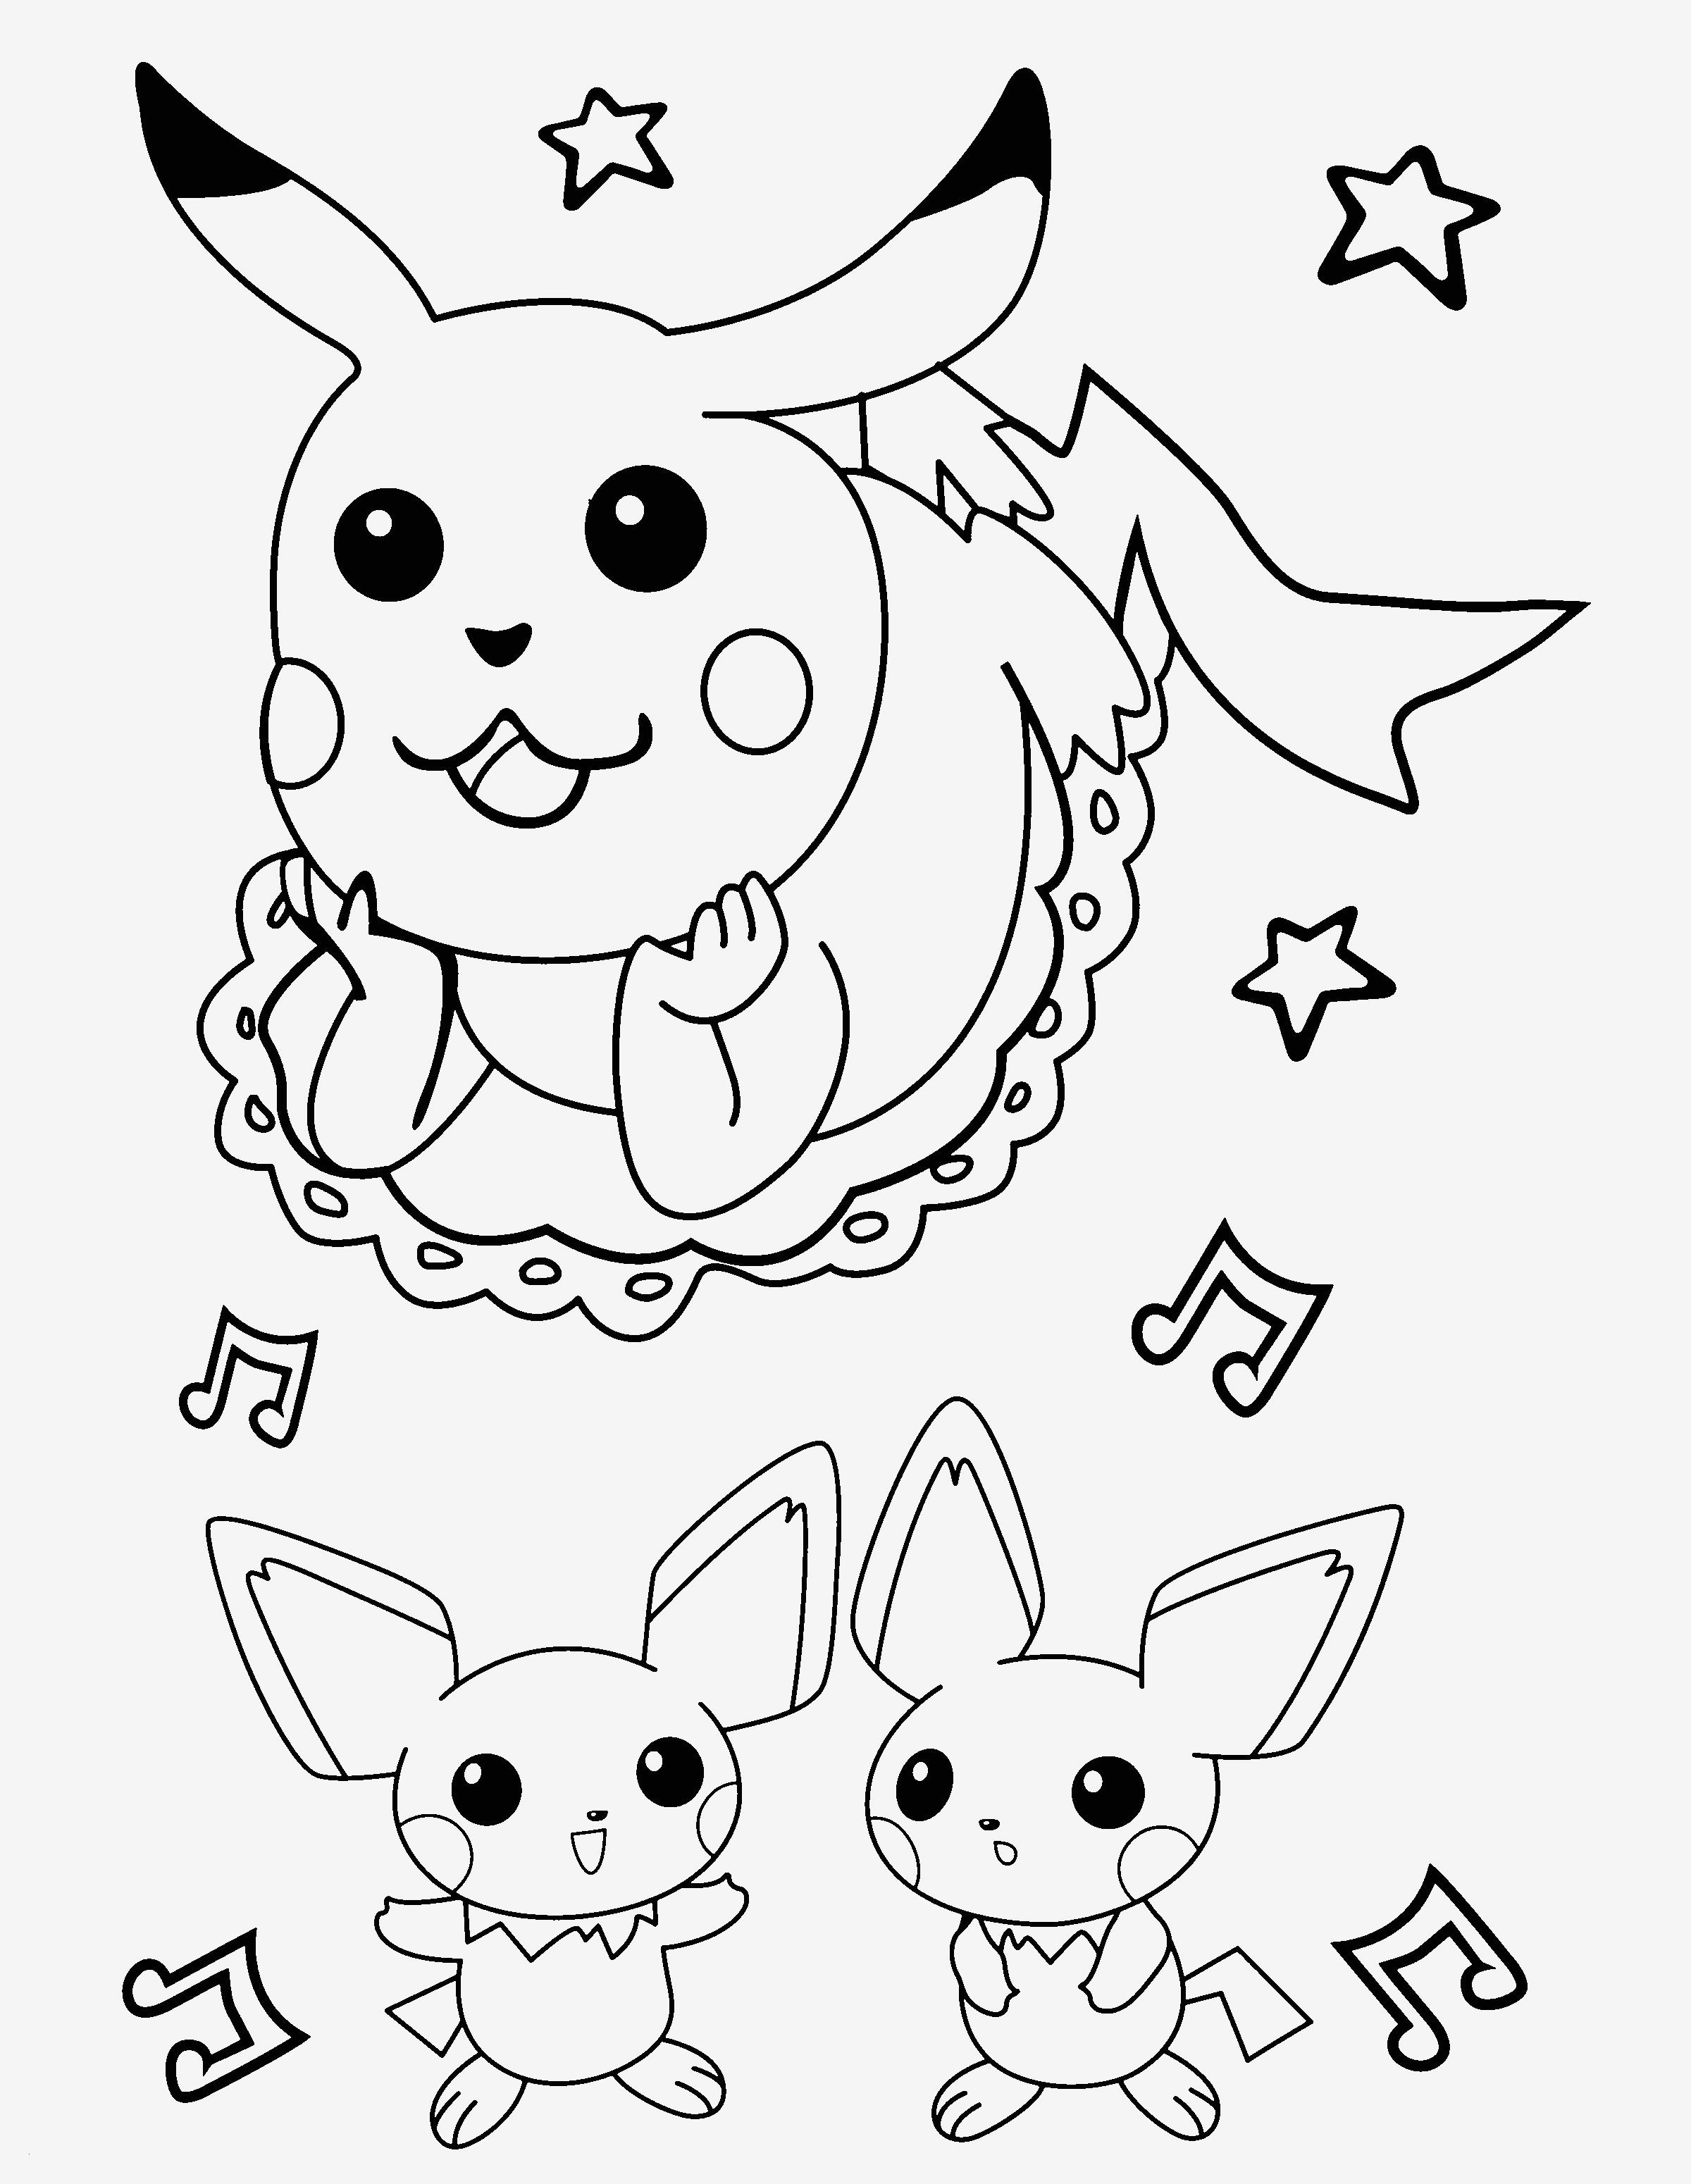 Kostenlose Ausmalbilder Pokemon Einzigartig 35 Ausmalbilder Pokemon Kostenlos forstergallery Sammlung